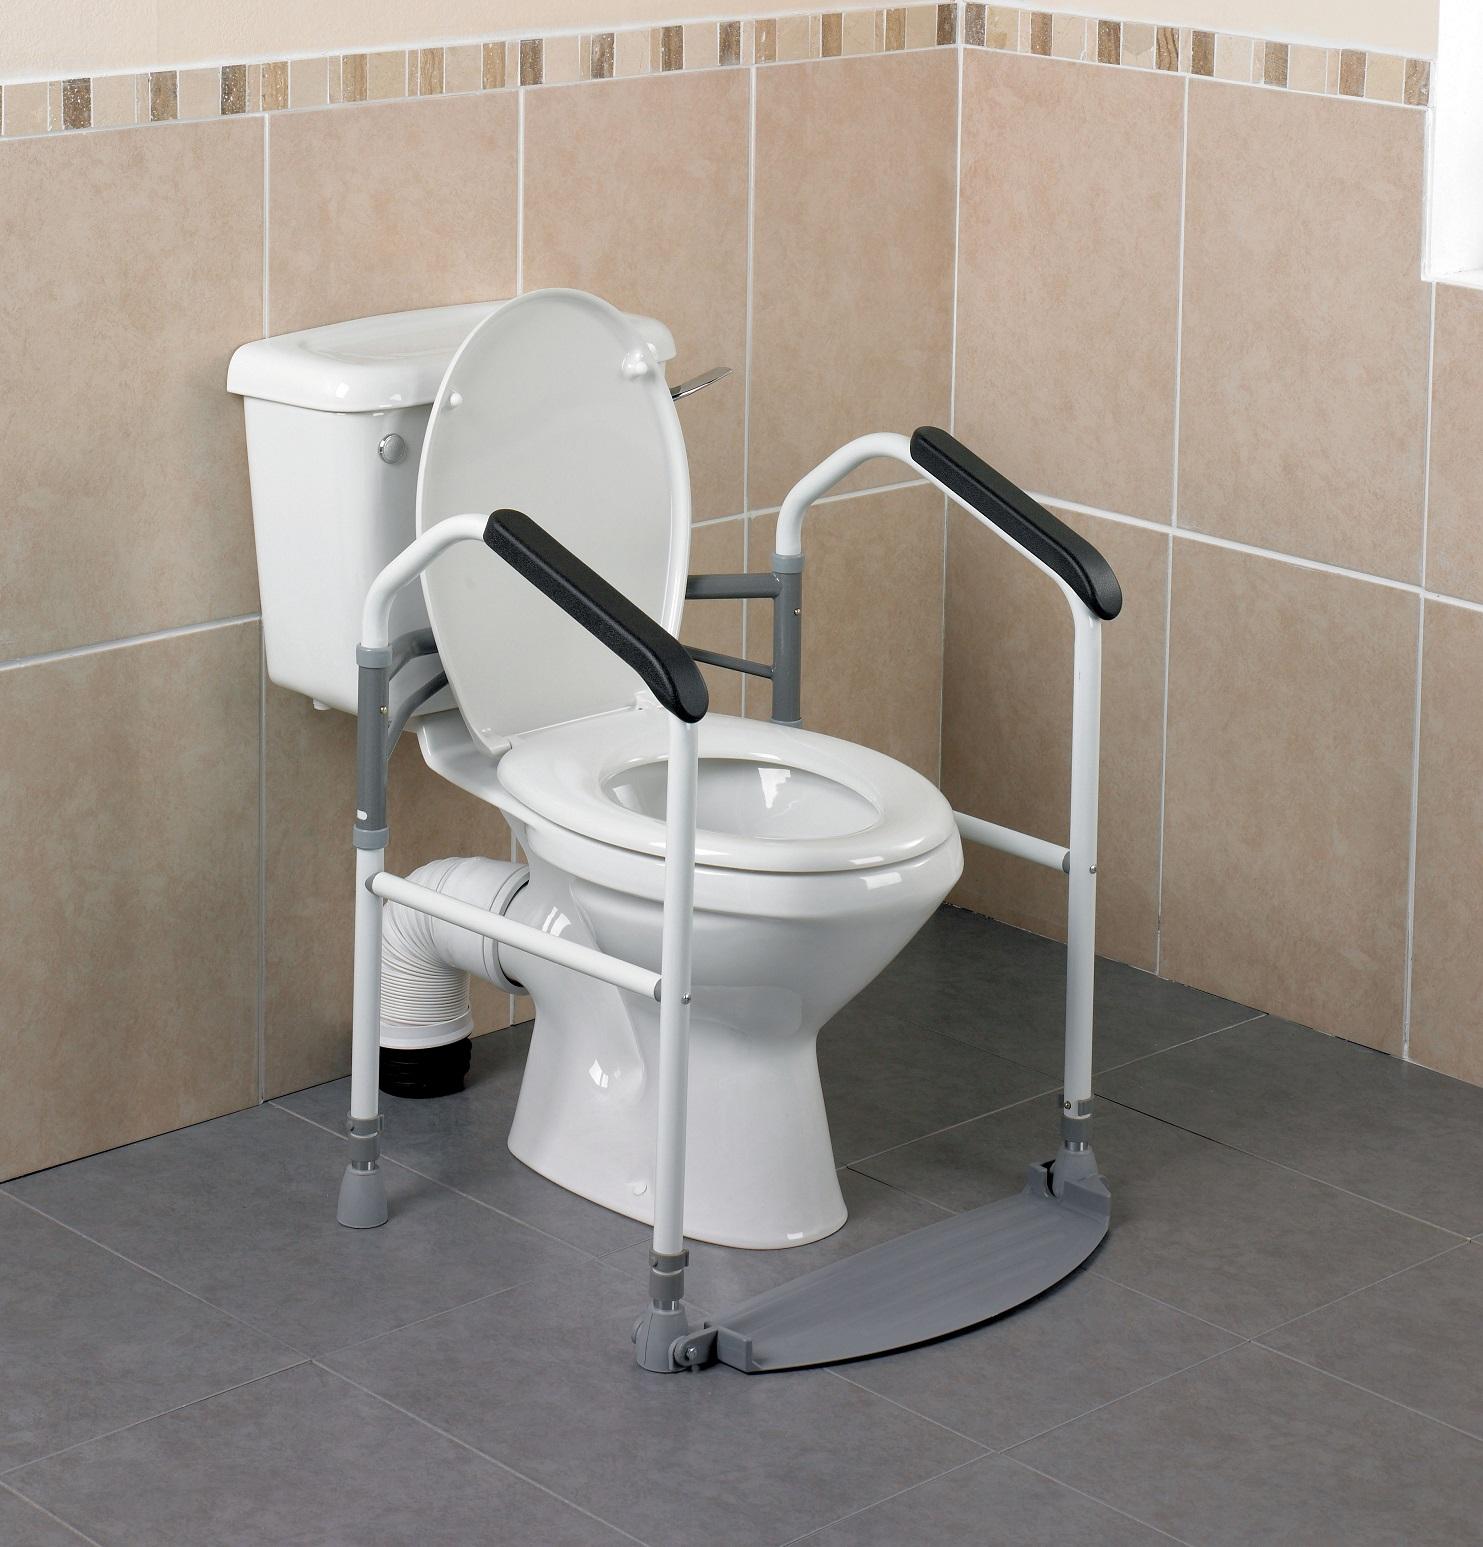 Hj 230 Lpemiddelbasen Toiletst 248 Tte St 229 Ende